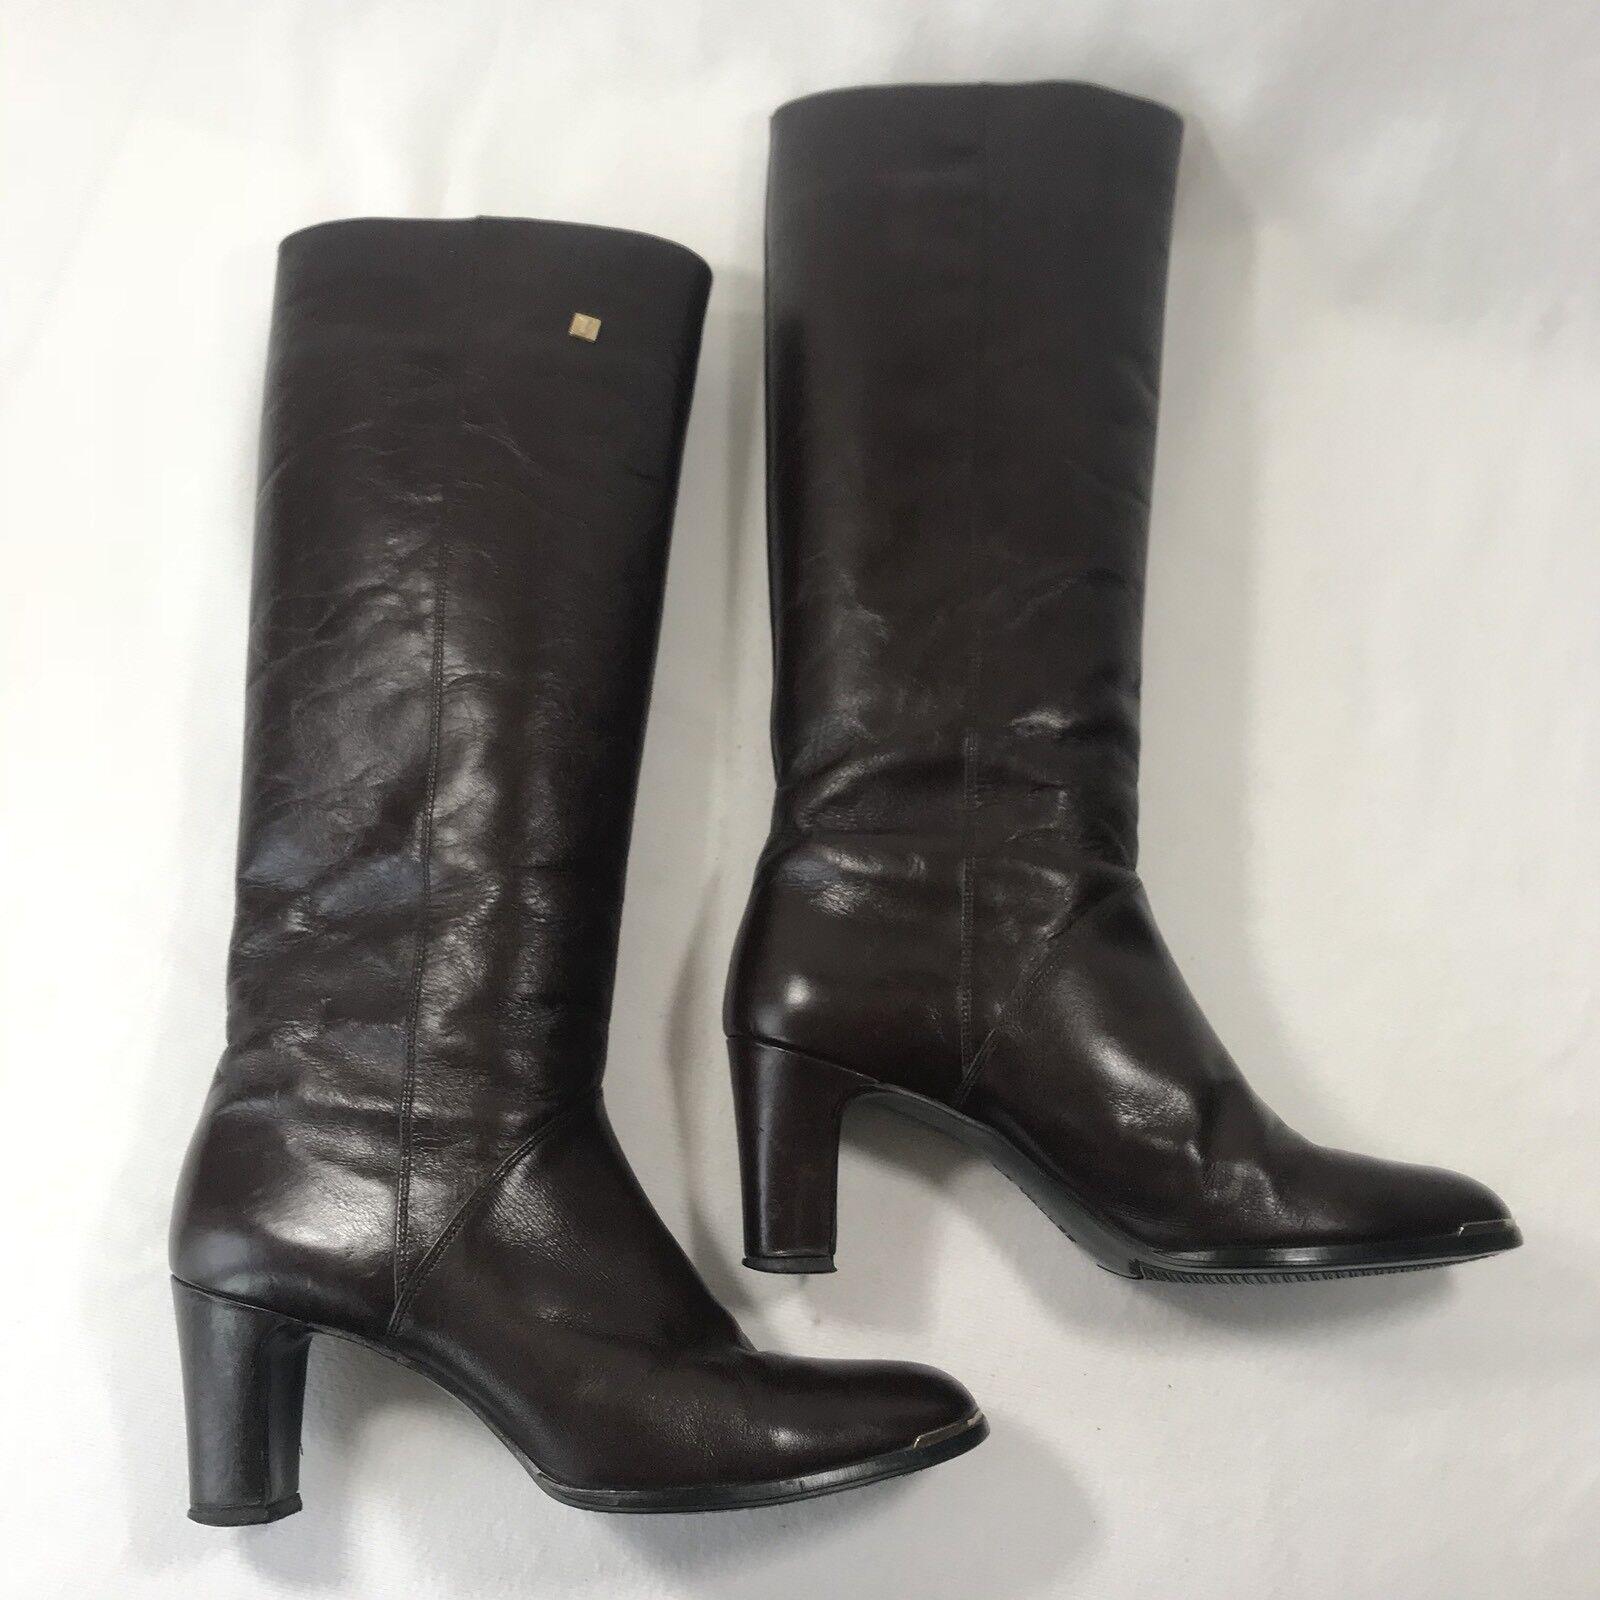 La Vallee Women's Sz 9.5 M Brown Leather Knee High Heels Boots